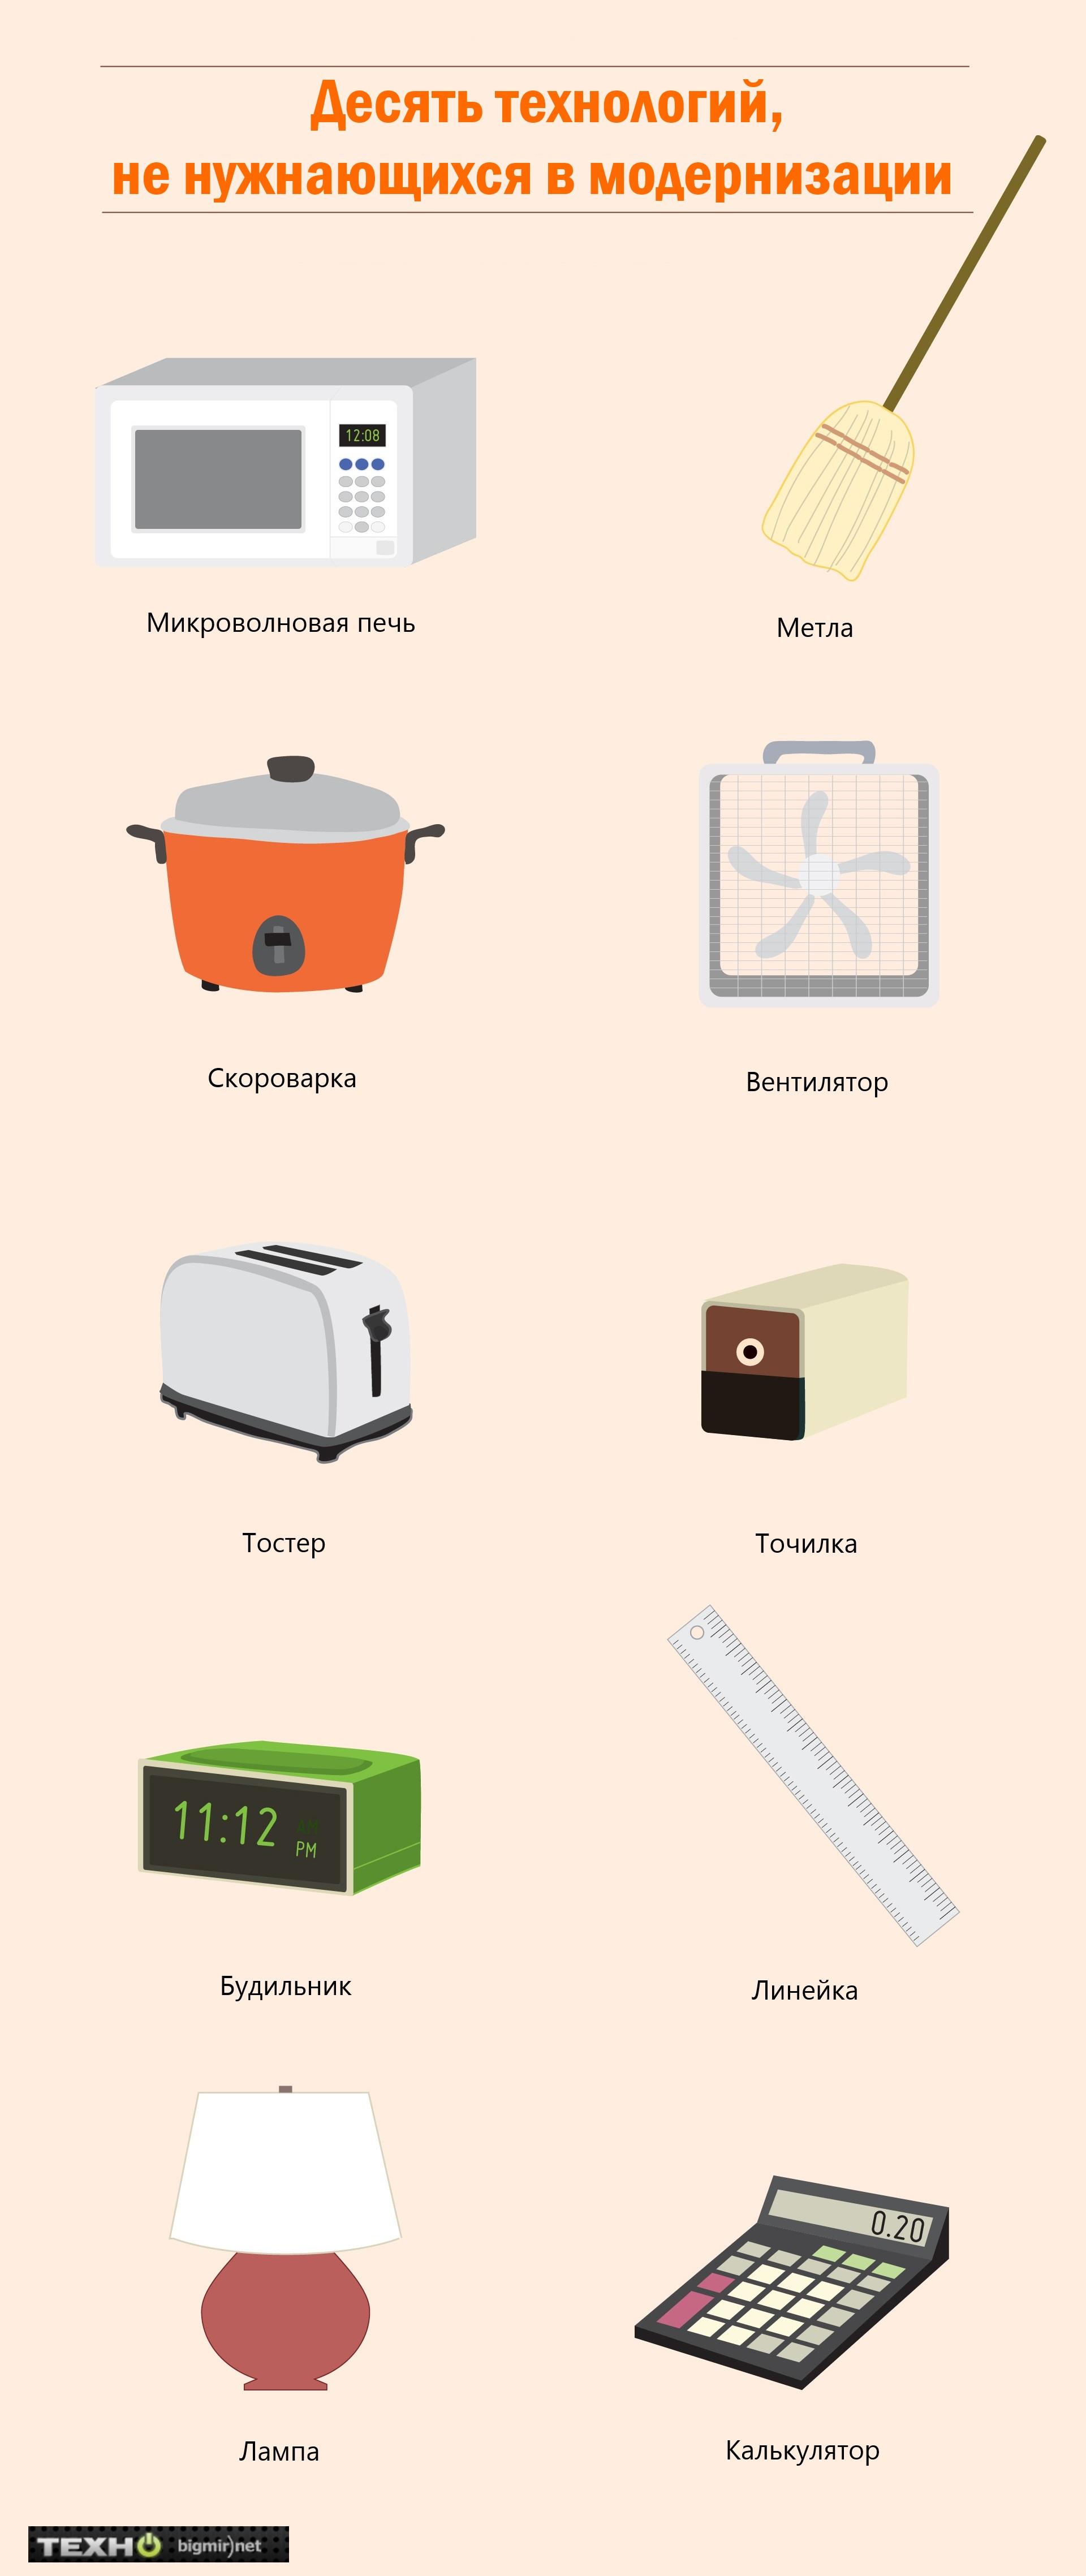 10 технологий, не нуждающихся в модернизации